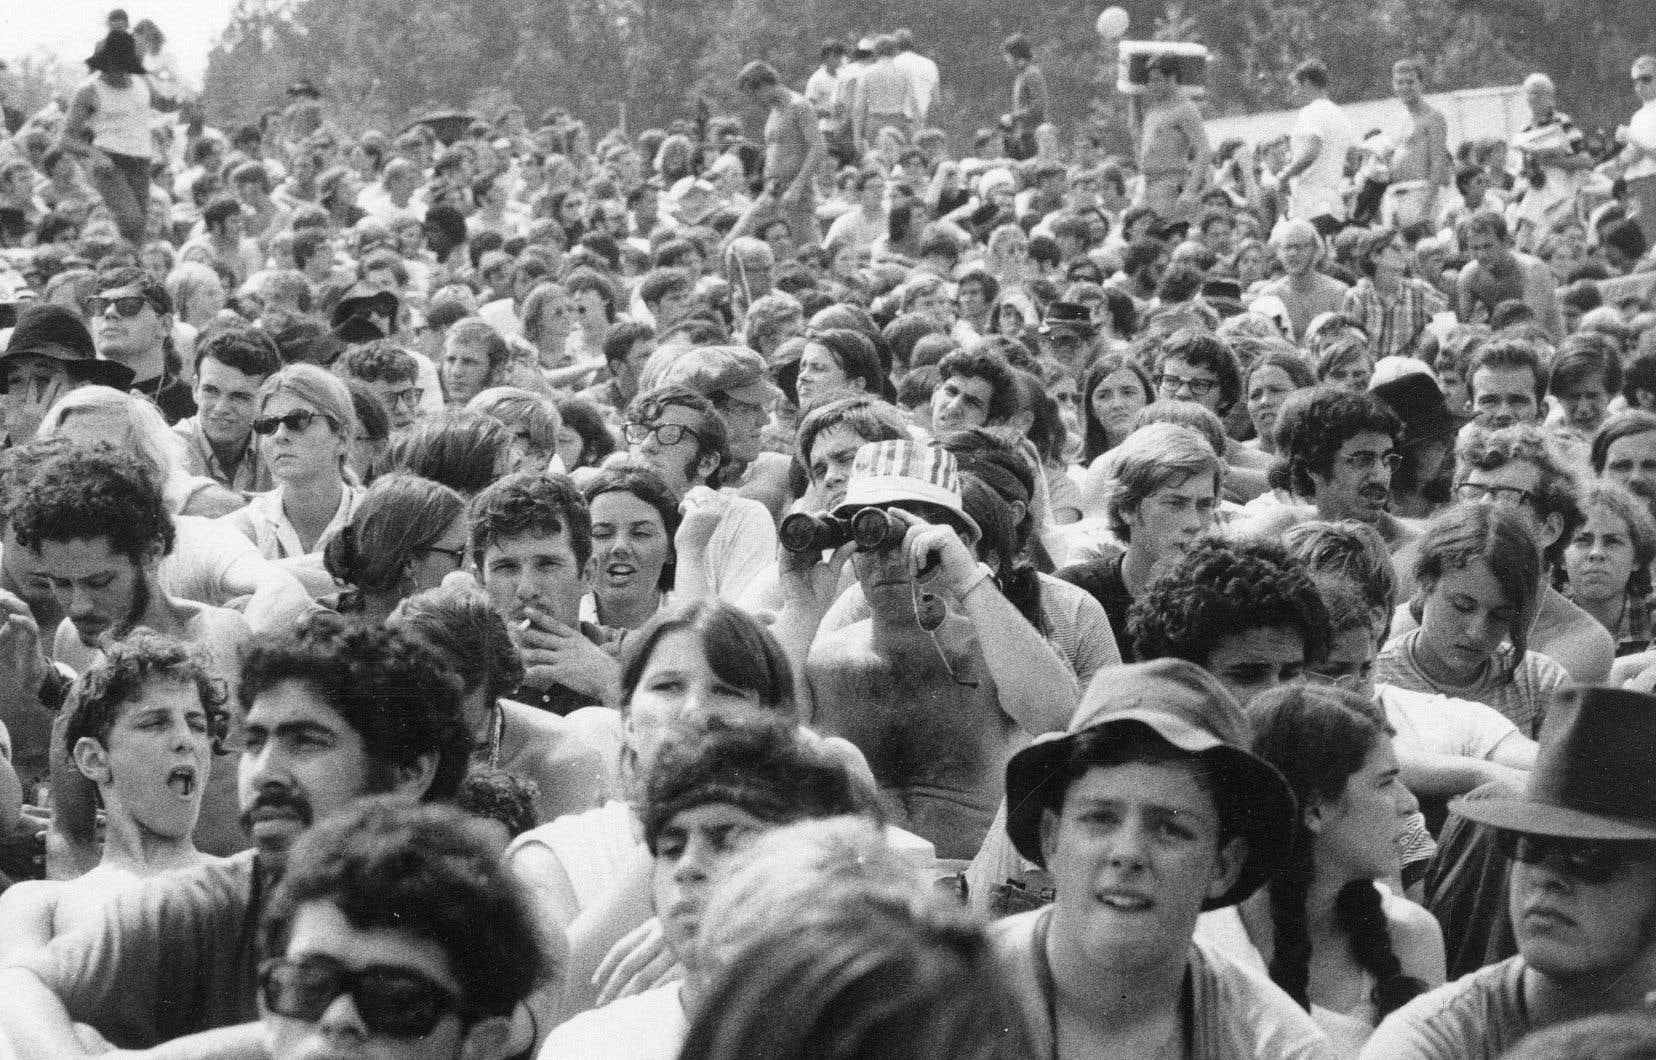 «Je suis peut-être nostalgique, mais la vie était belle pour nous, les jeunes Canadiens. Nous n'étions pas obligés d'être enrôlés de force dans la guerre du Vietnam. Country Joe and the Fish le chantait à Woodstock», se souvient l'auteure.